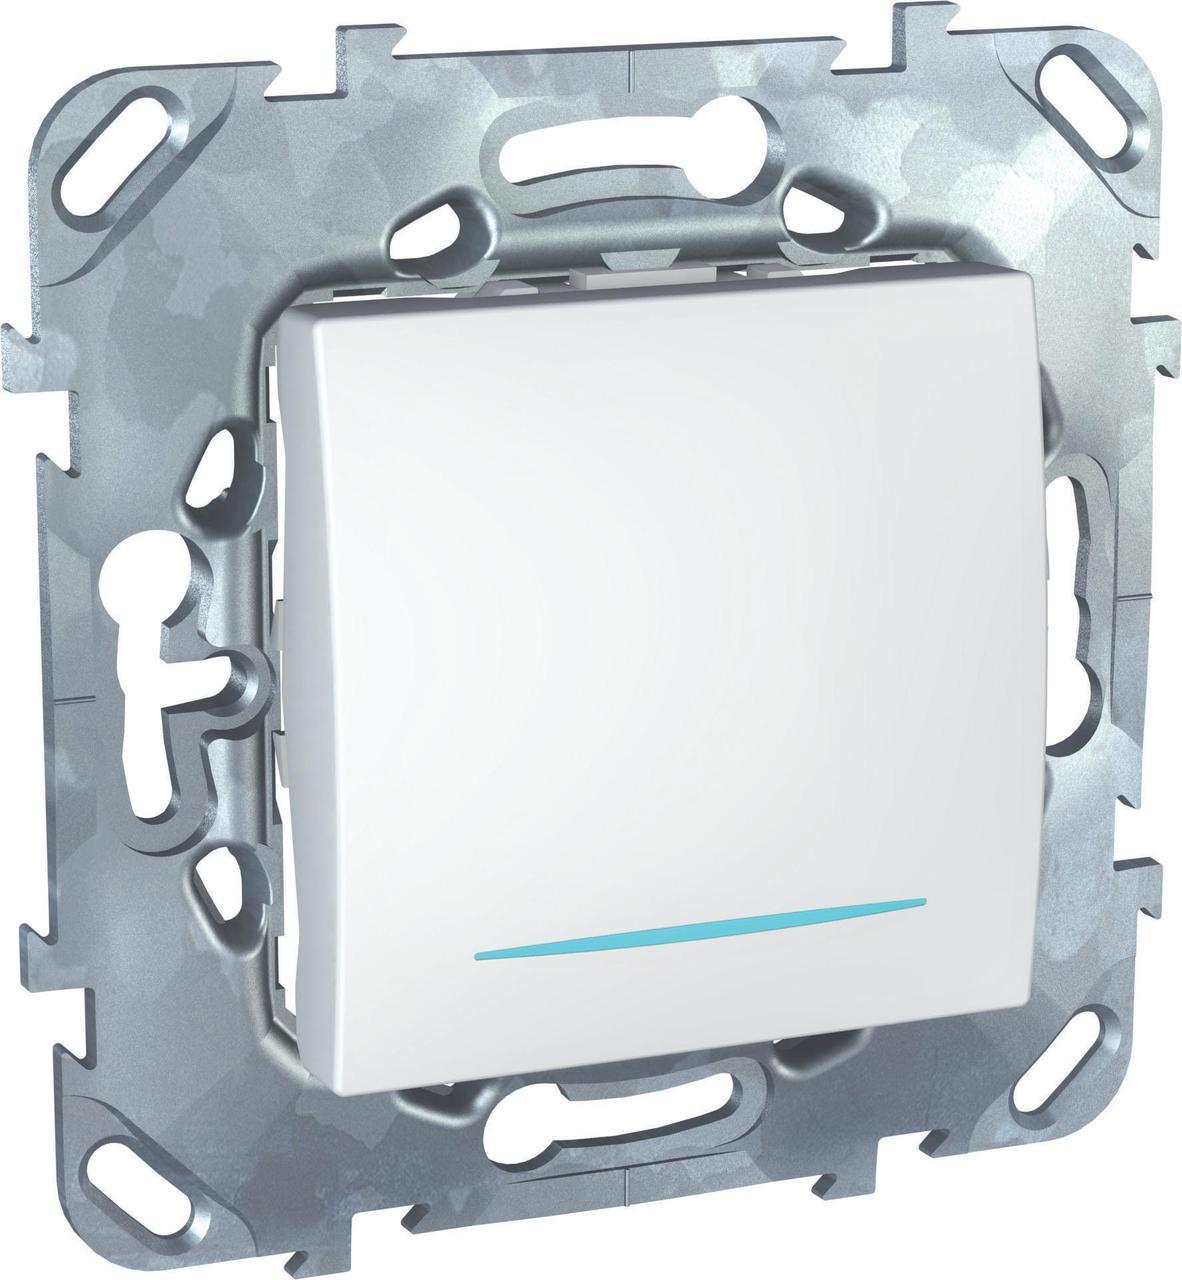 Выключатель 1-клавишный, перекрестный с подсветкой (с трех мест) , Белый, серия Unica, Schneider Electric